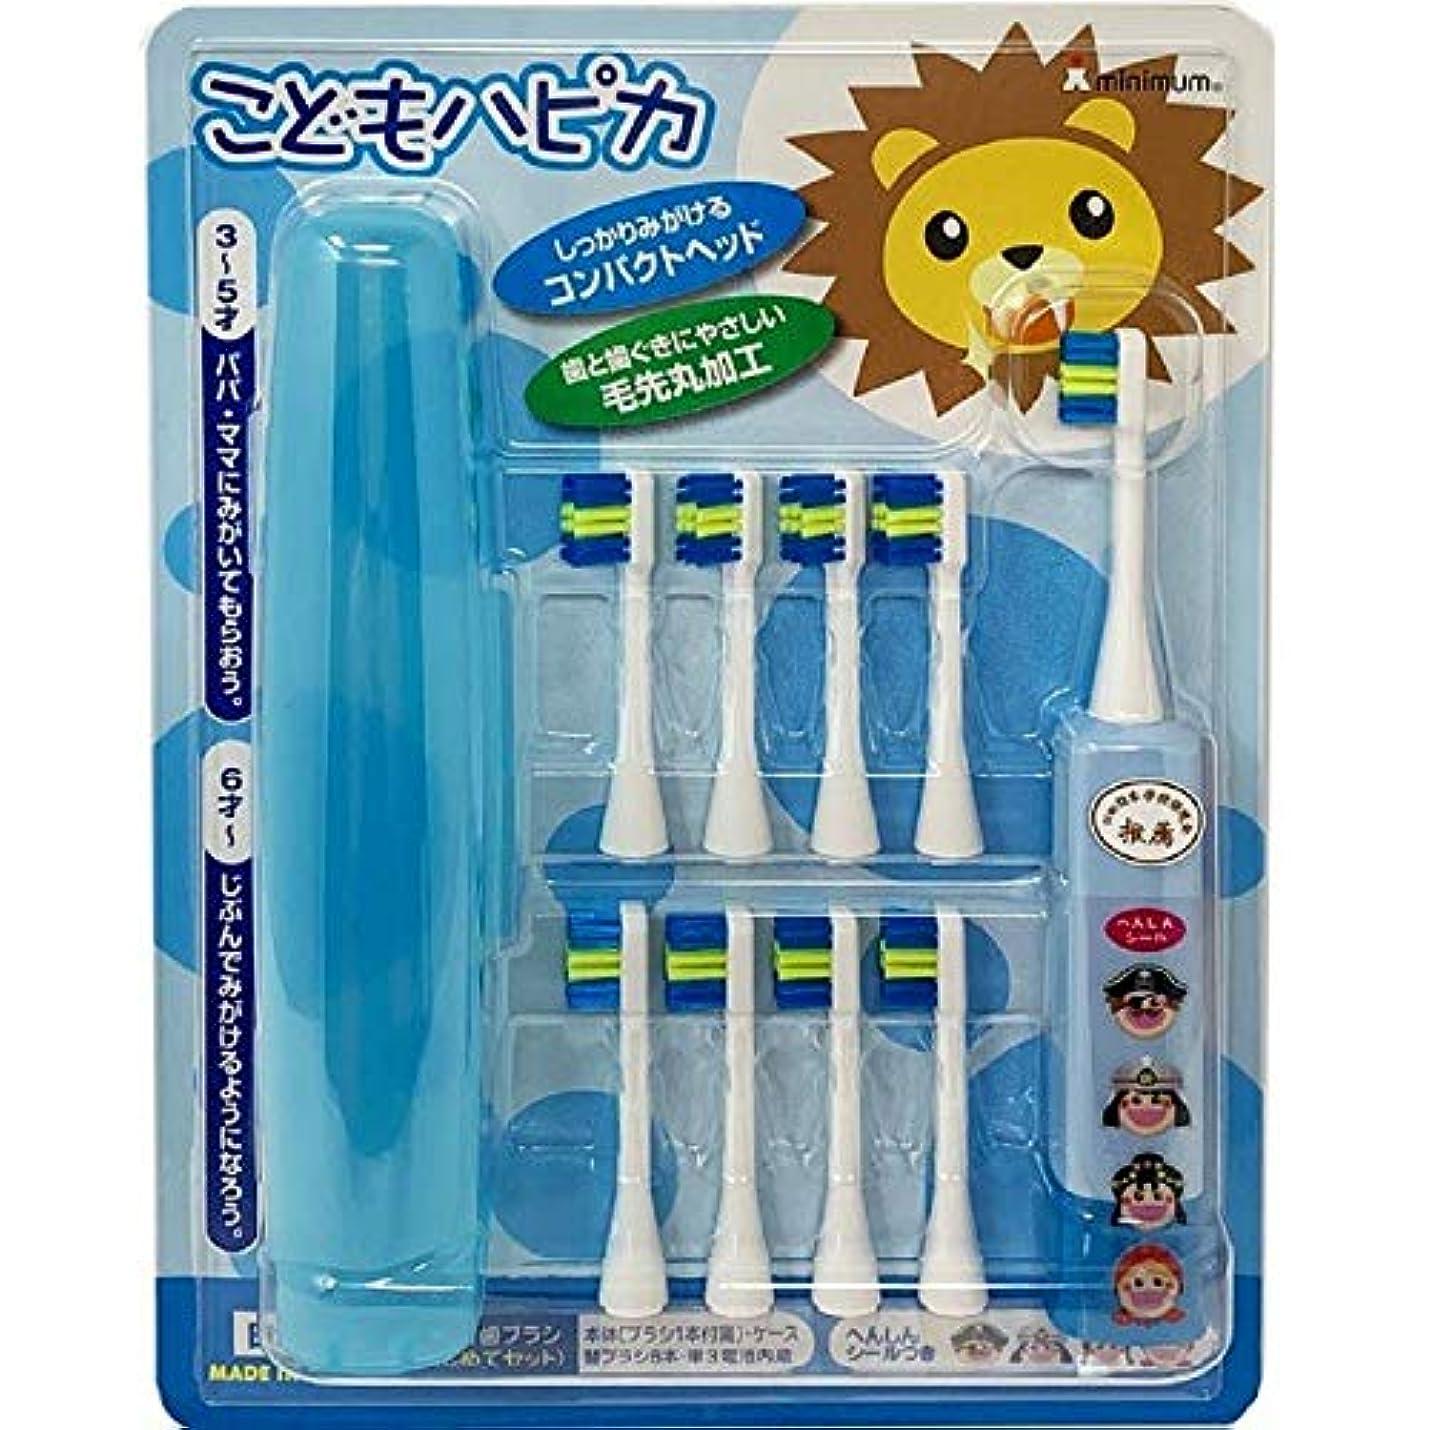 ほかに解任一致こどもハピカ電動歯ブラシセット (ブルー)